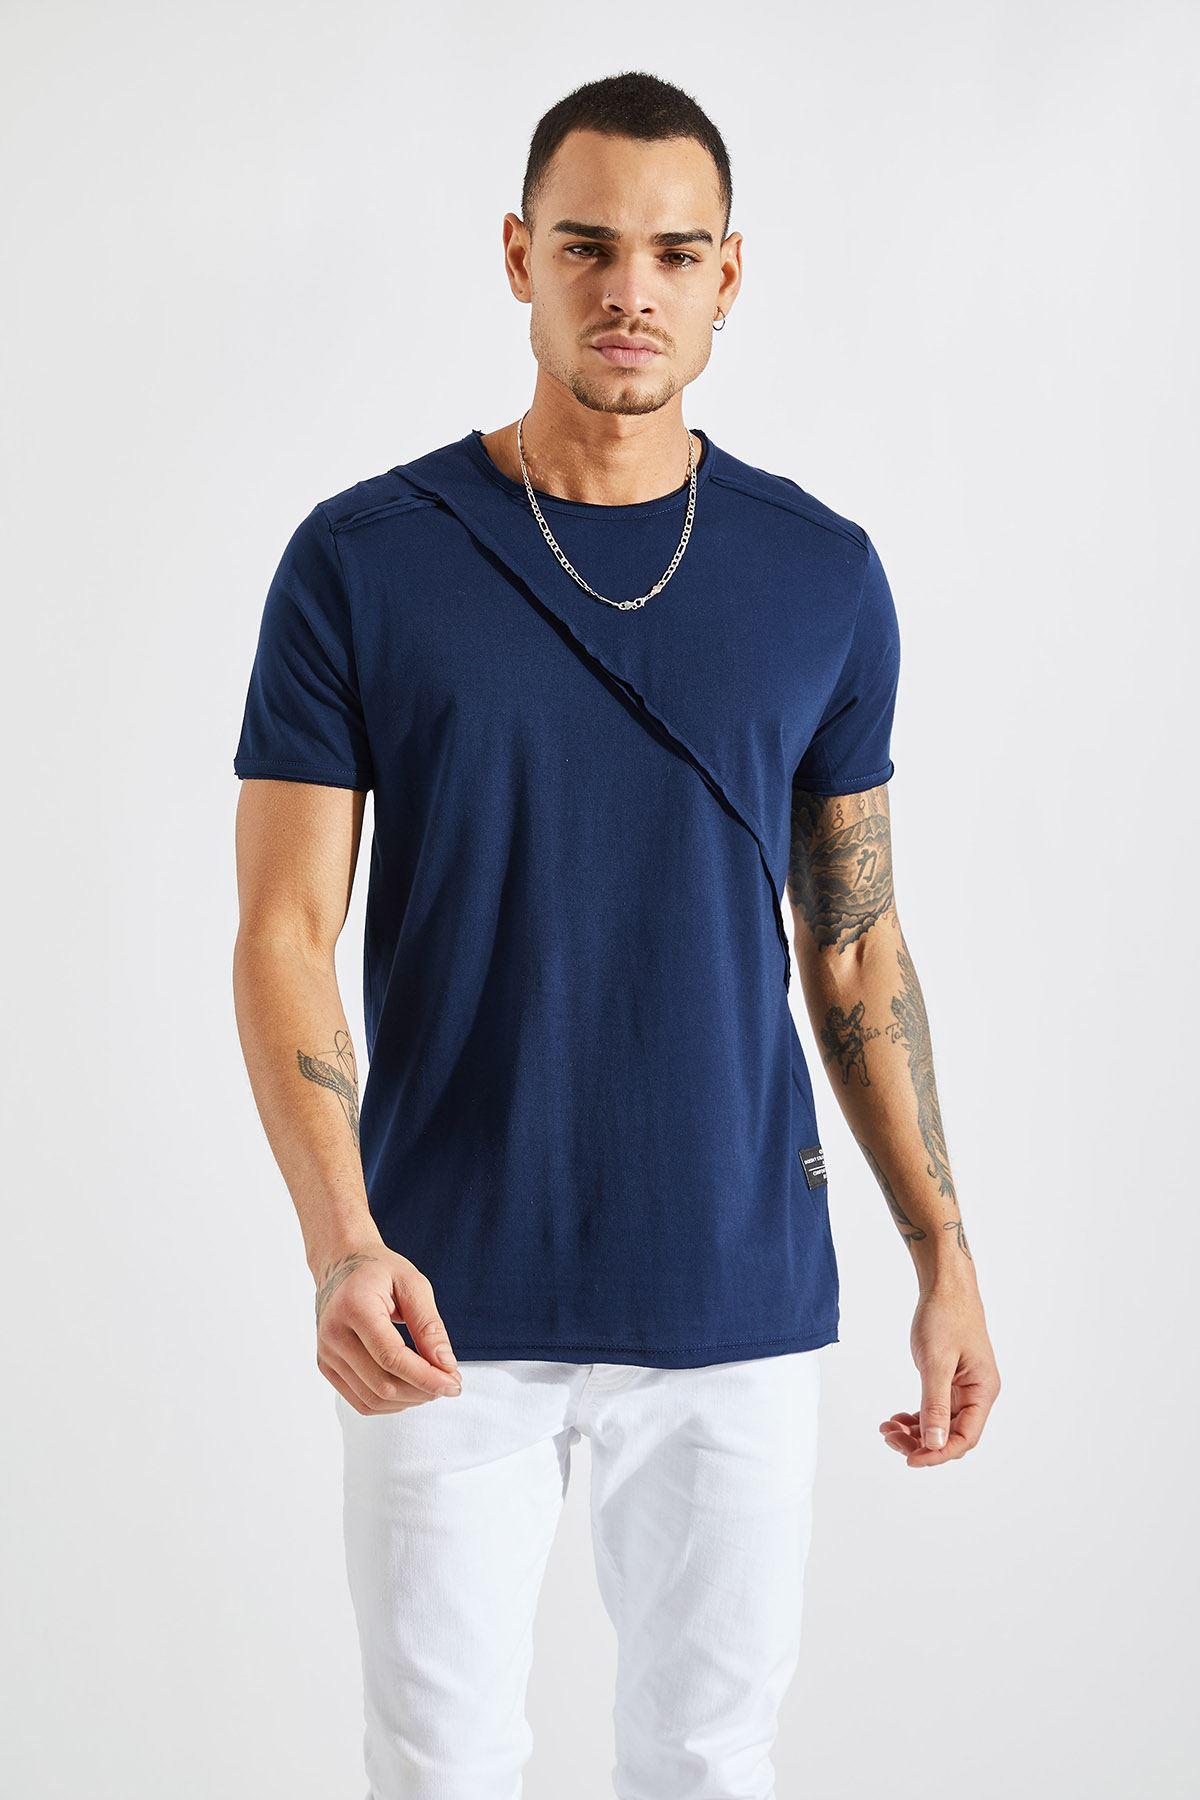 Erkek Omuz Parçalı Lacivert Tişört